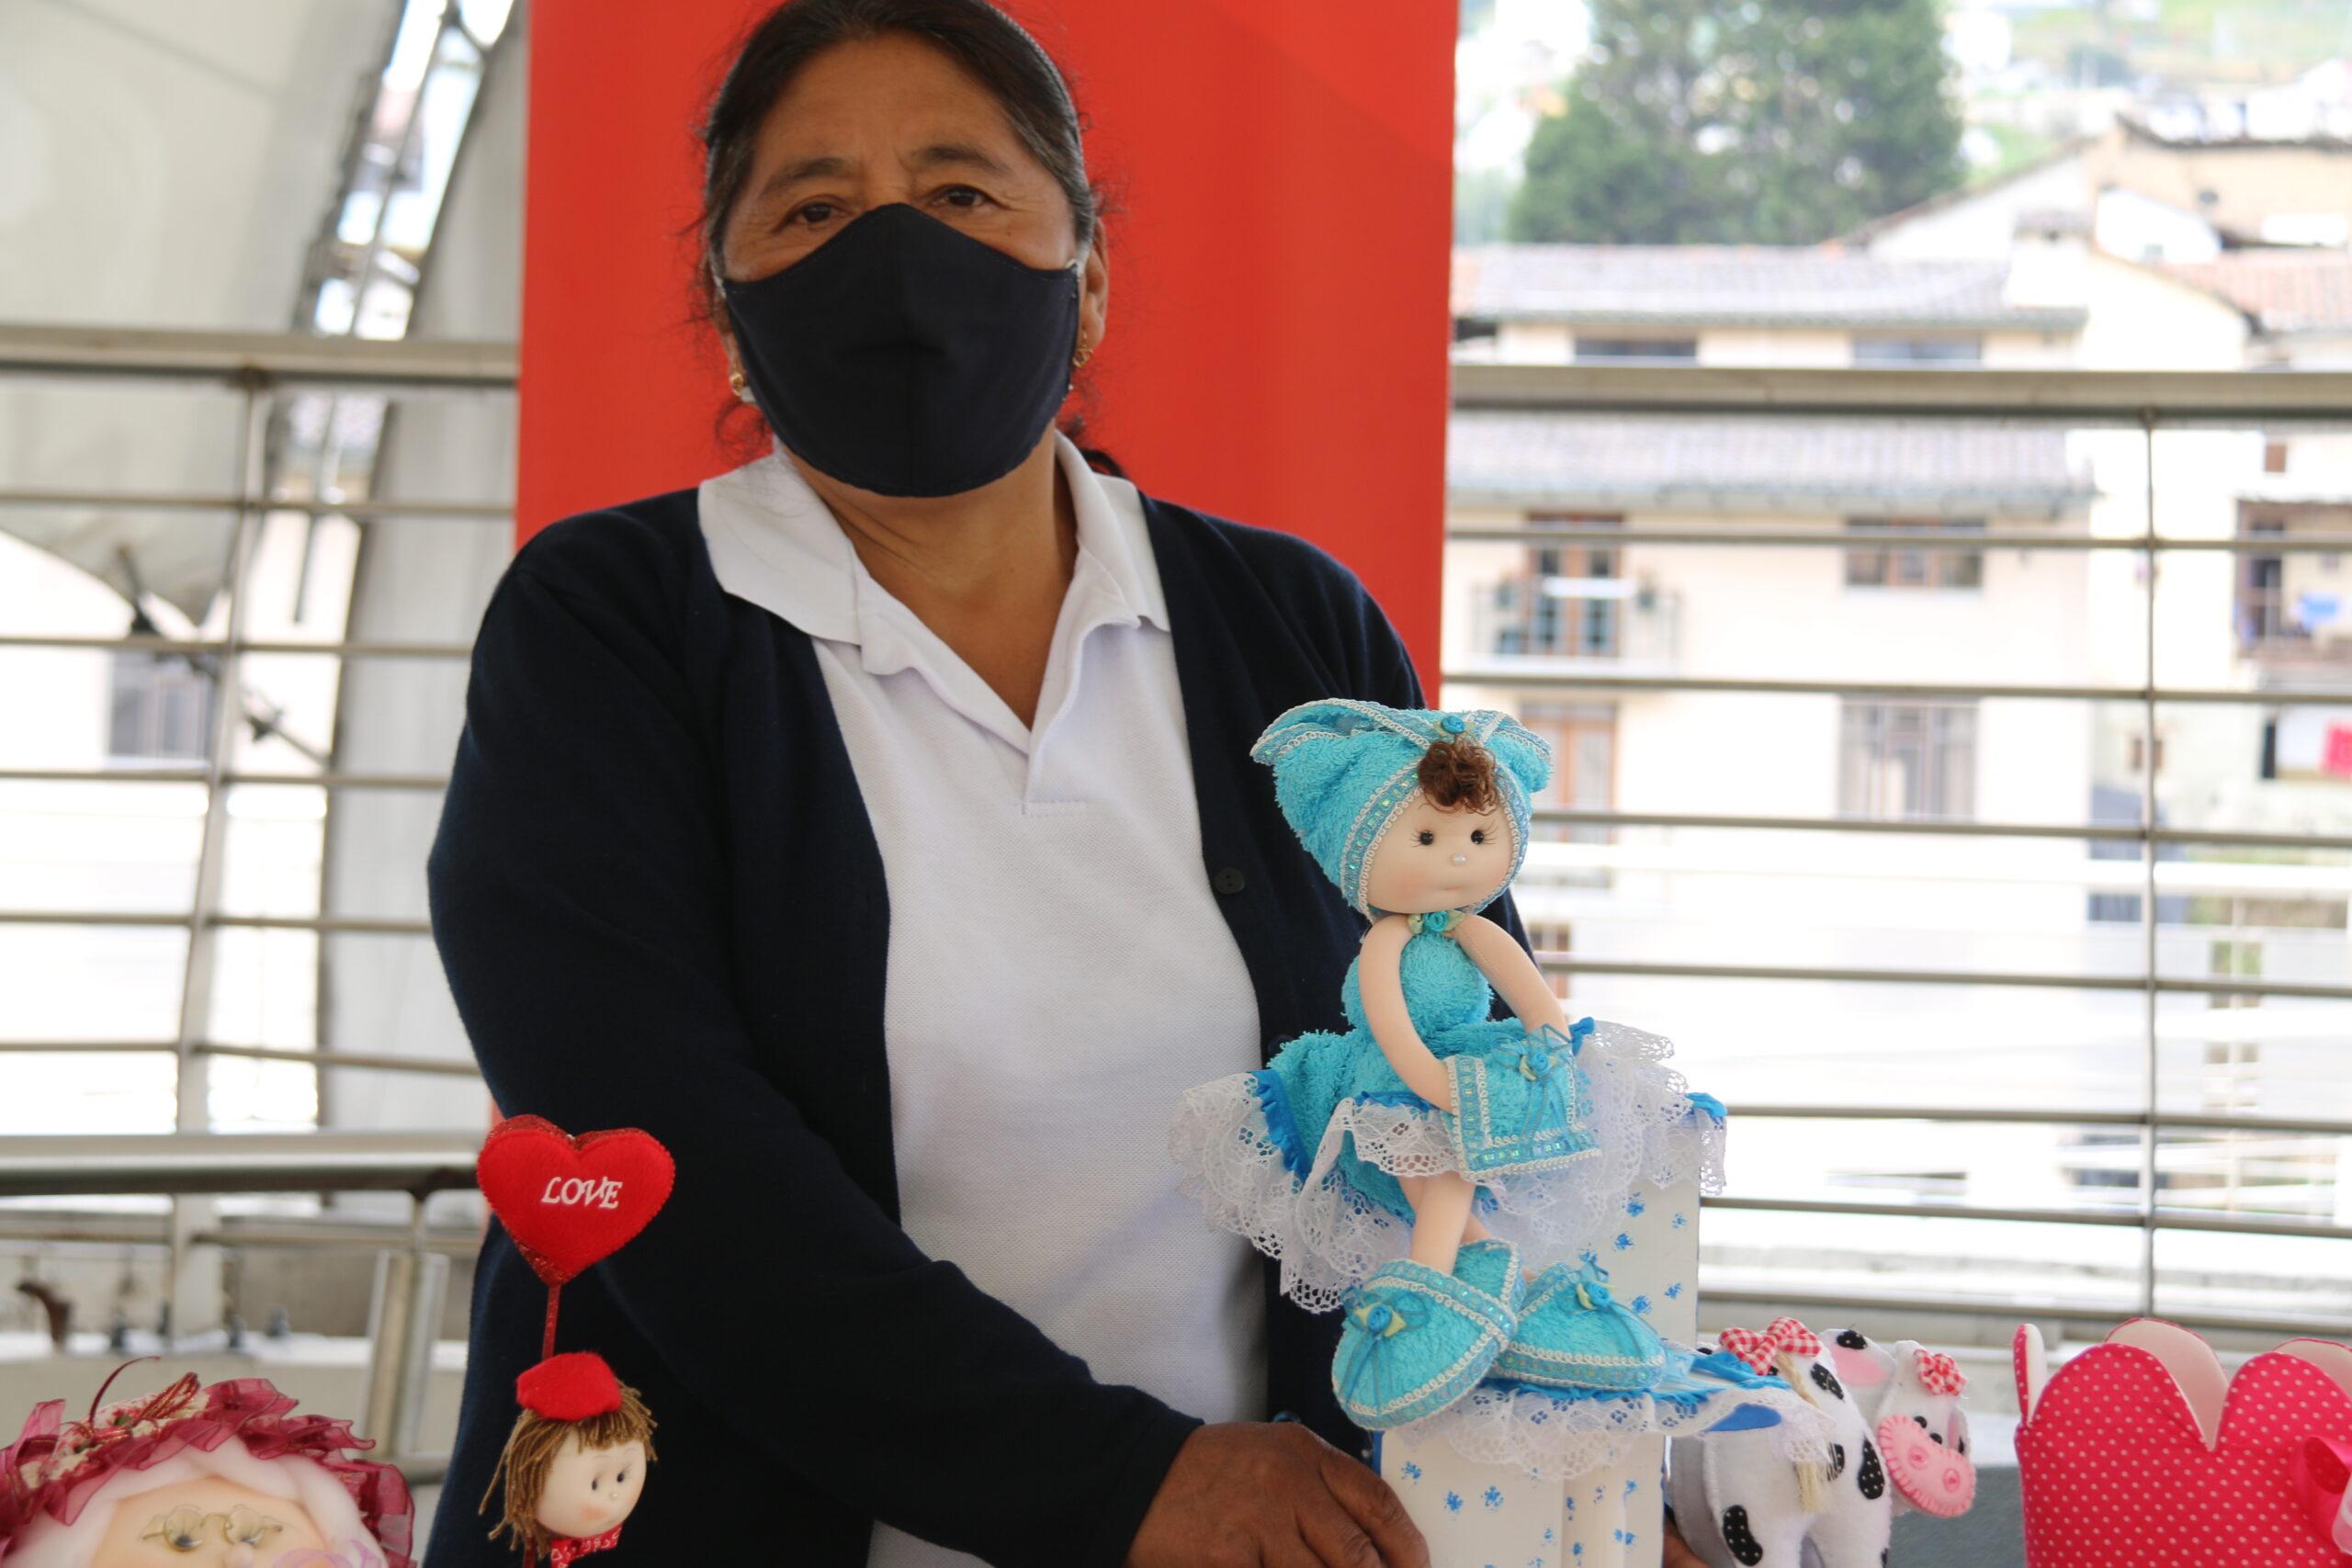 Maria Lourdes Guachamin Caiza